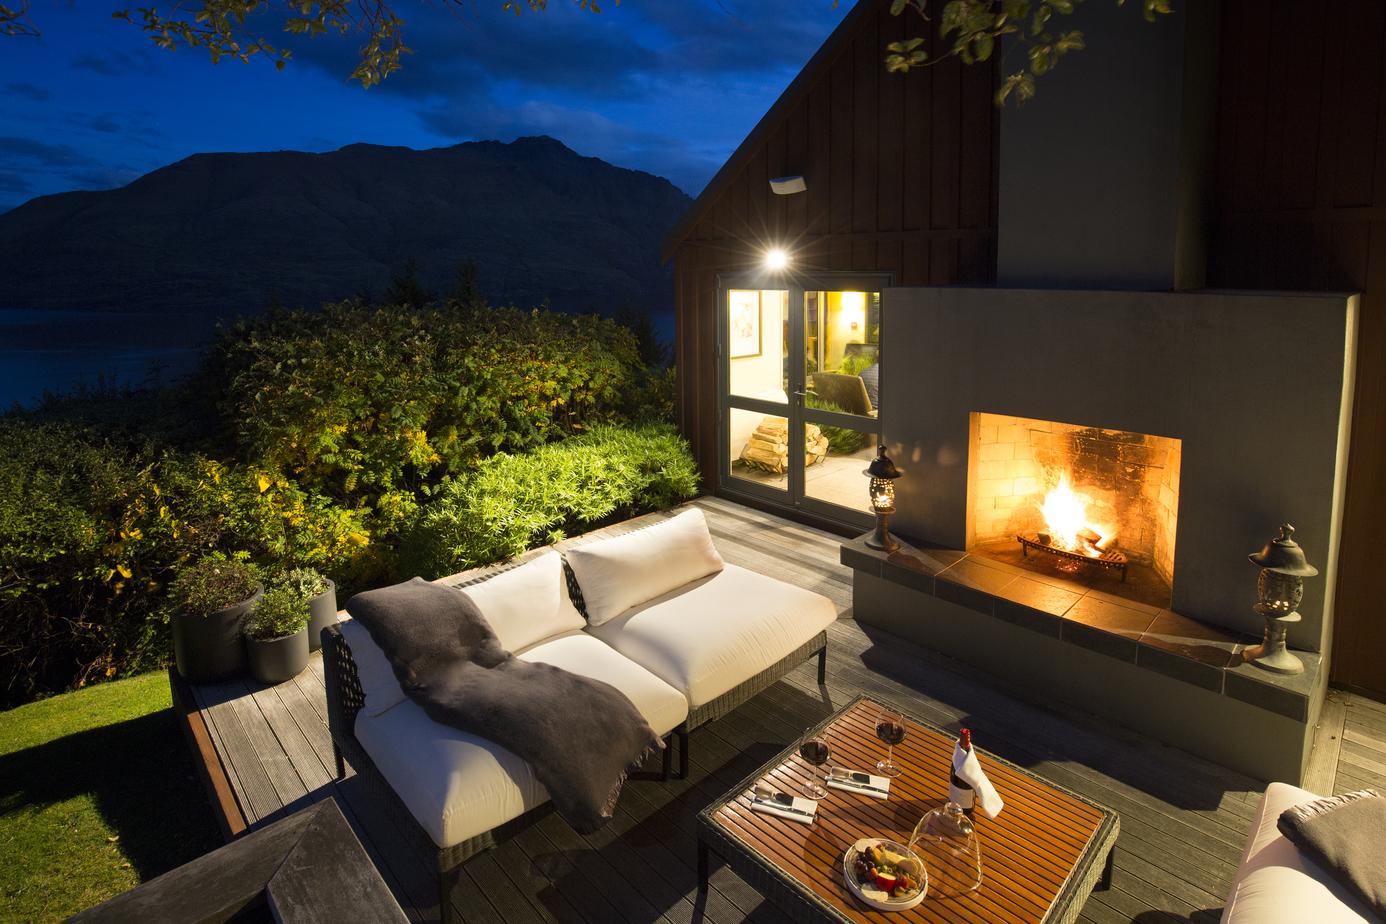 Mabey Ski_New Zealand_Queenstown_Azur Lodge 14.jpg